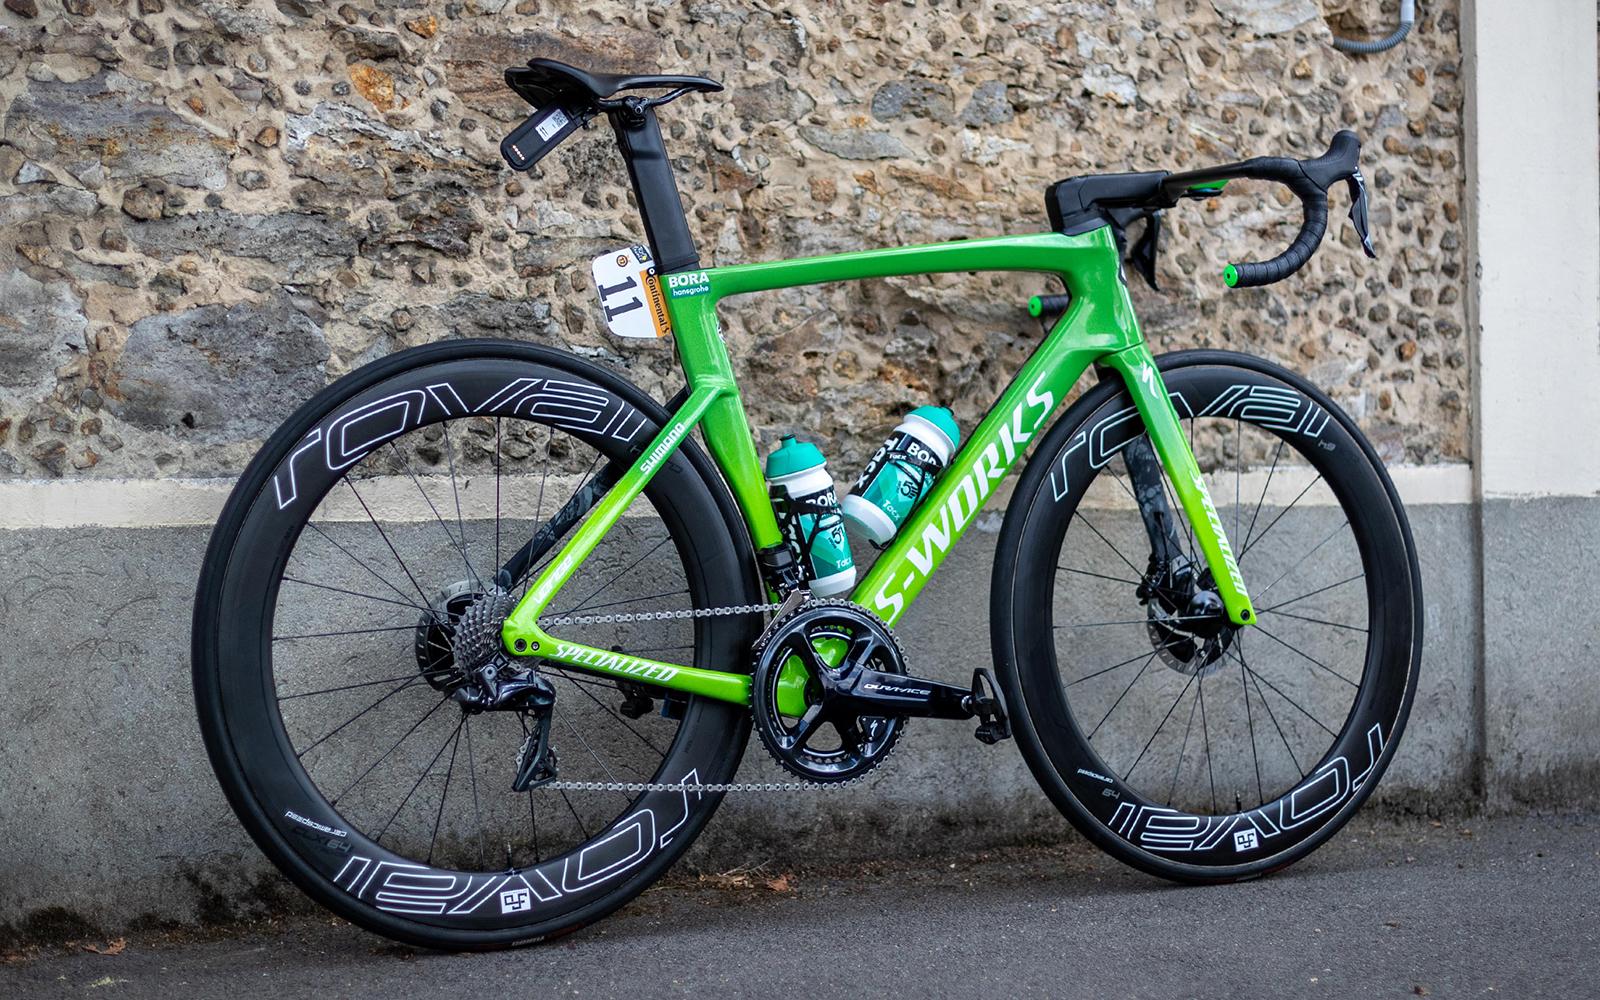 Tour de France bikes: custom framesets for 2019